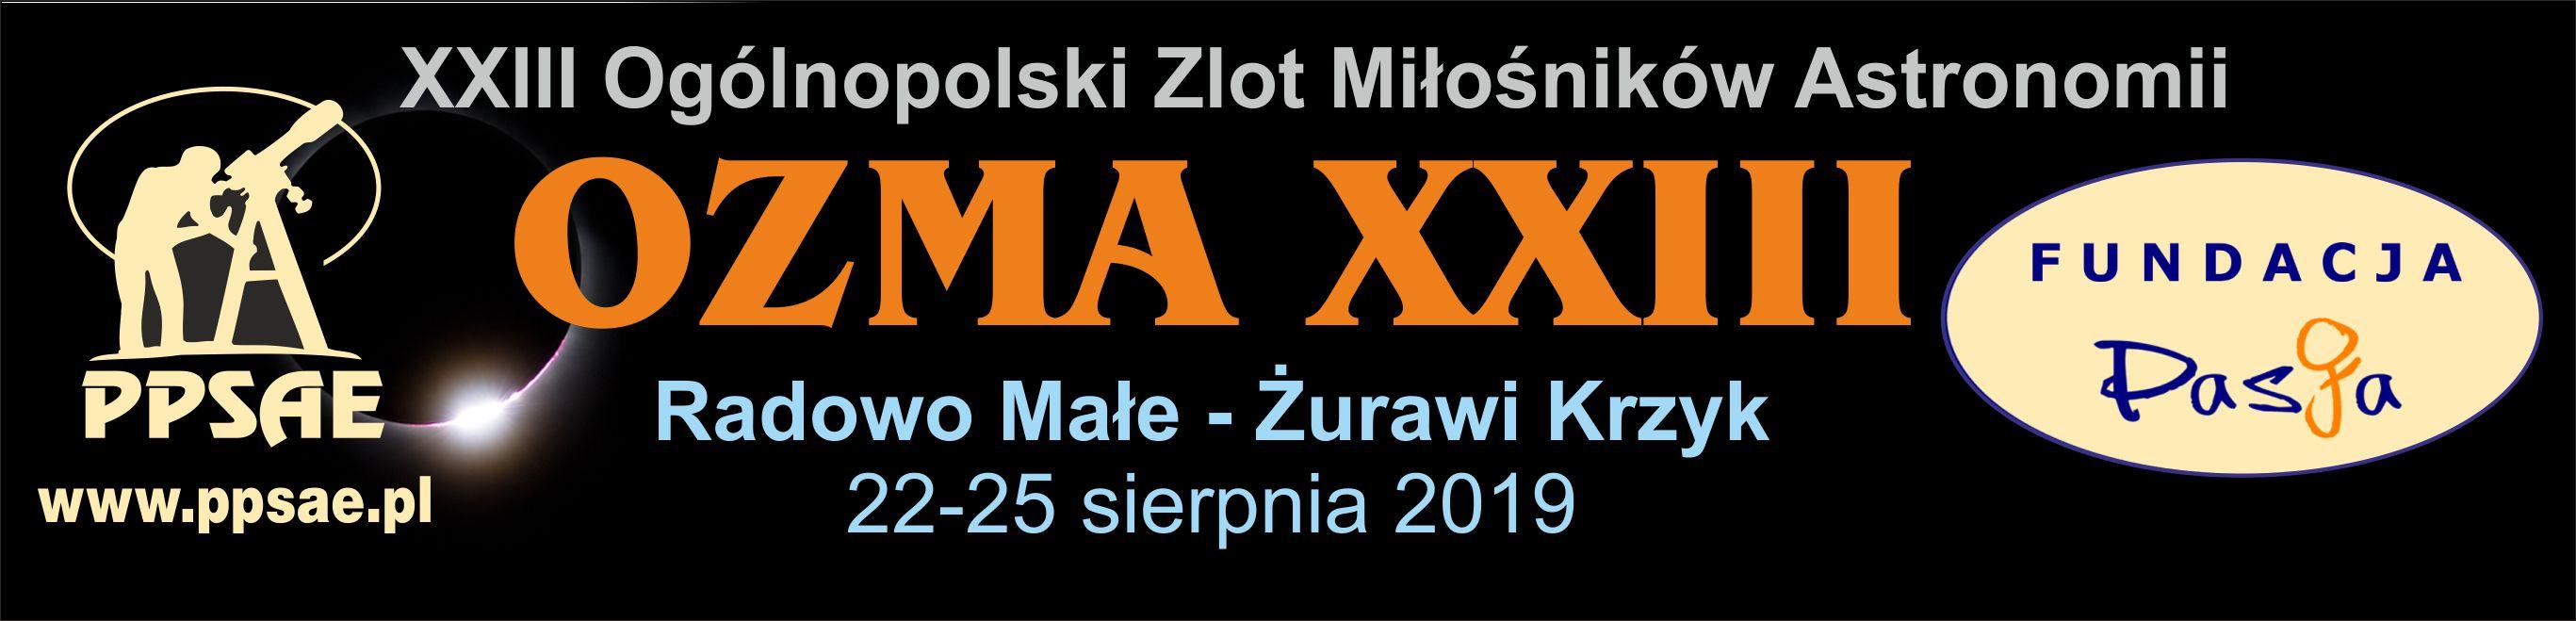 XXIII Ogólnopolski Zlot Miłośników Astronomii @ 56 Radowo Małe